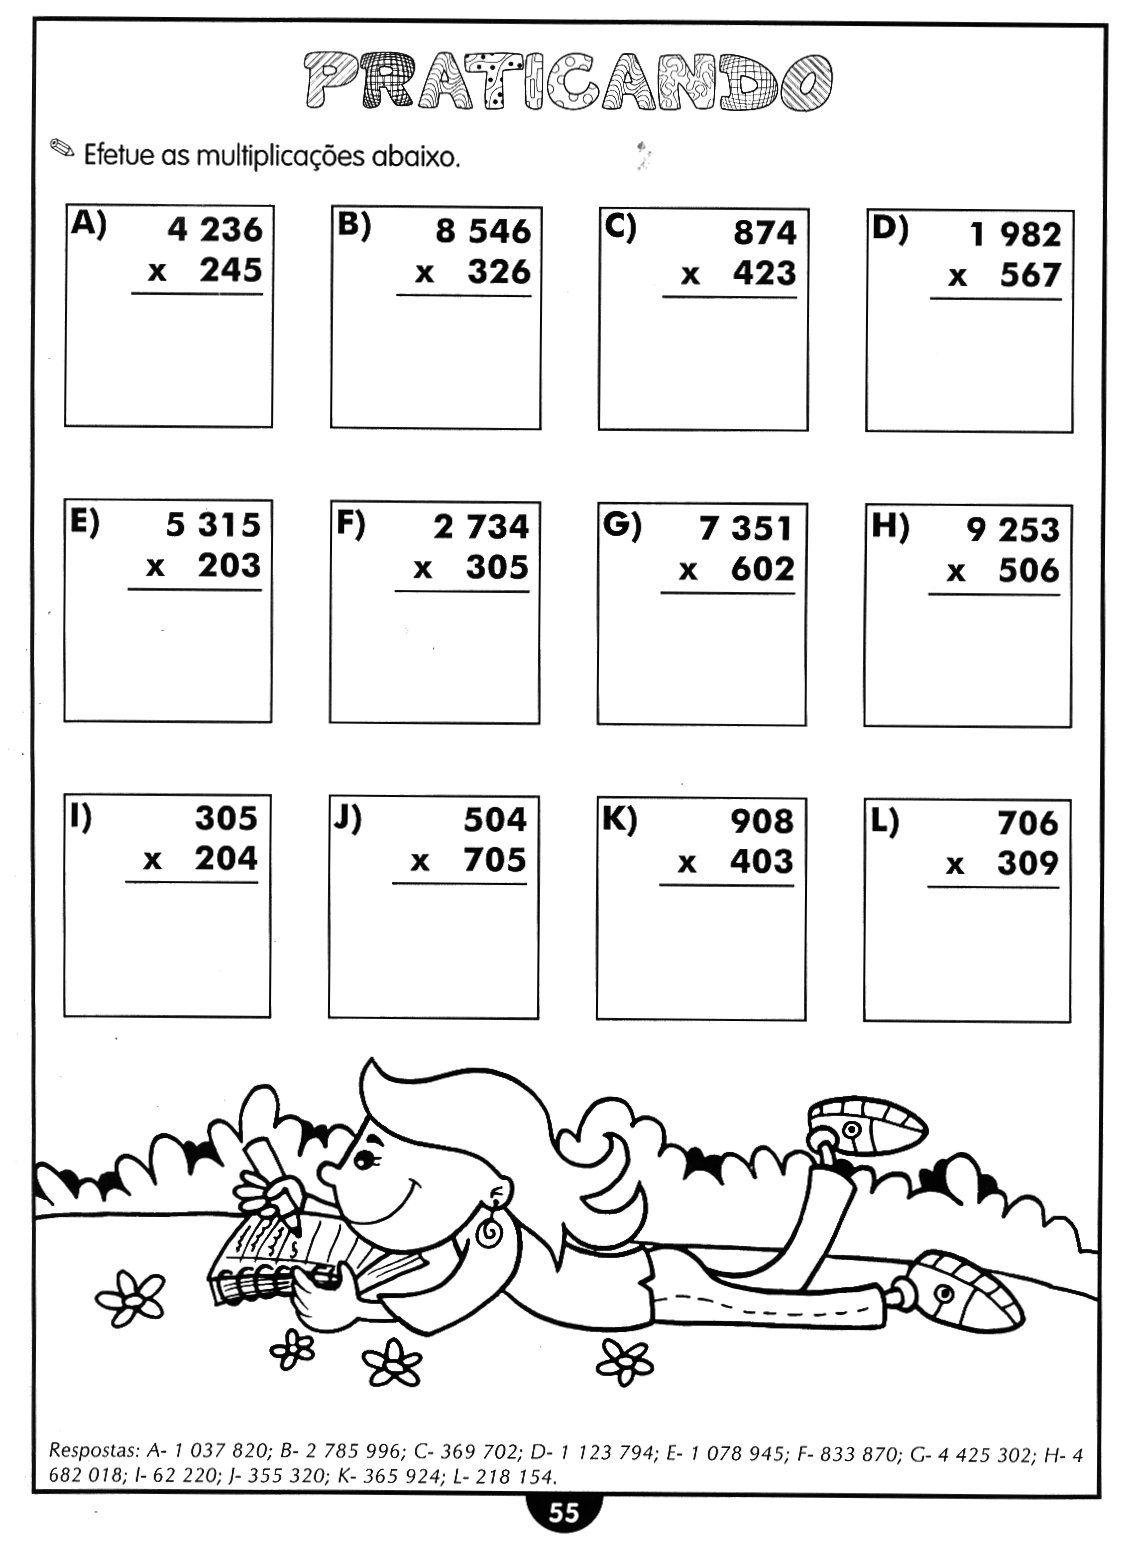 Compartilhando Saberes: Atividades de Matemática (Reforço